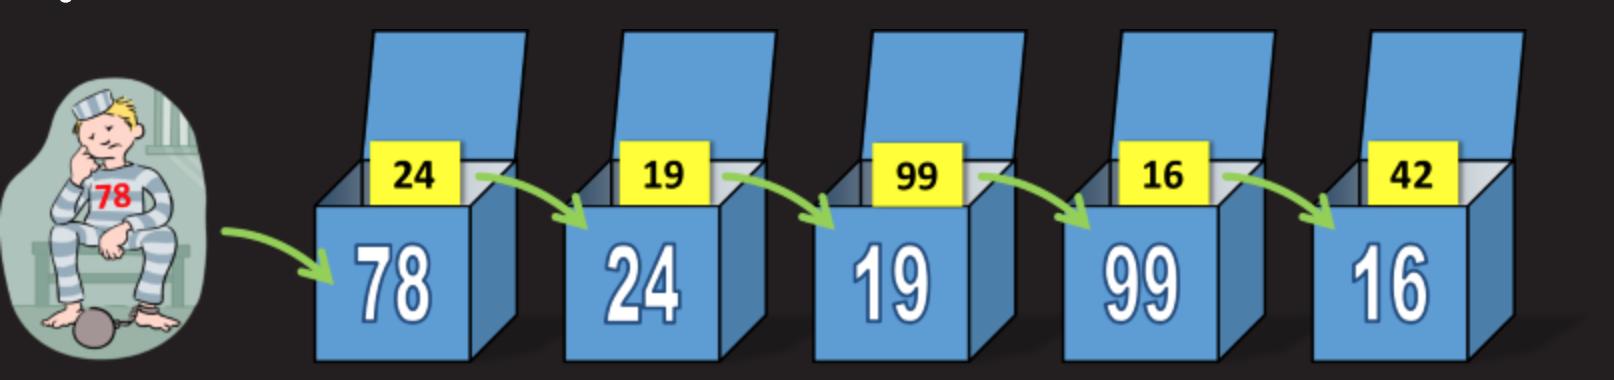 Математическая задача о 100 коробках и спасении заключенных - 8